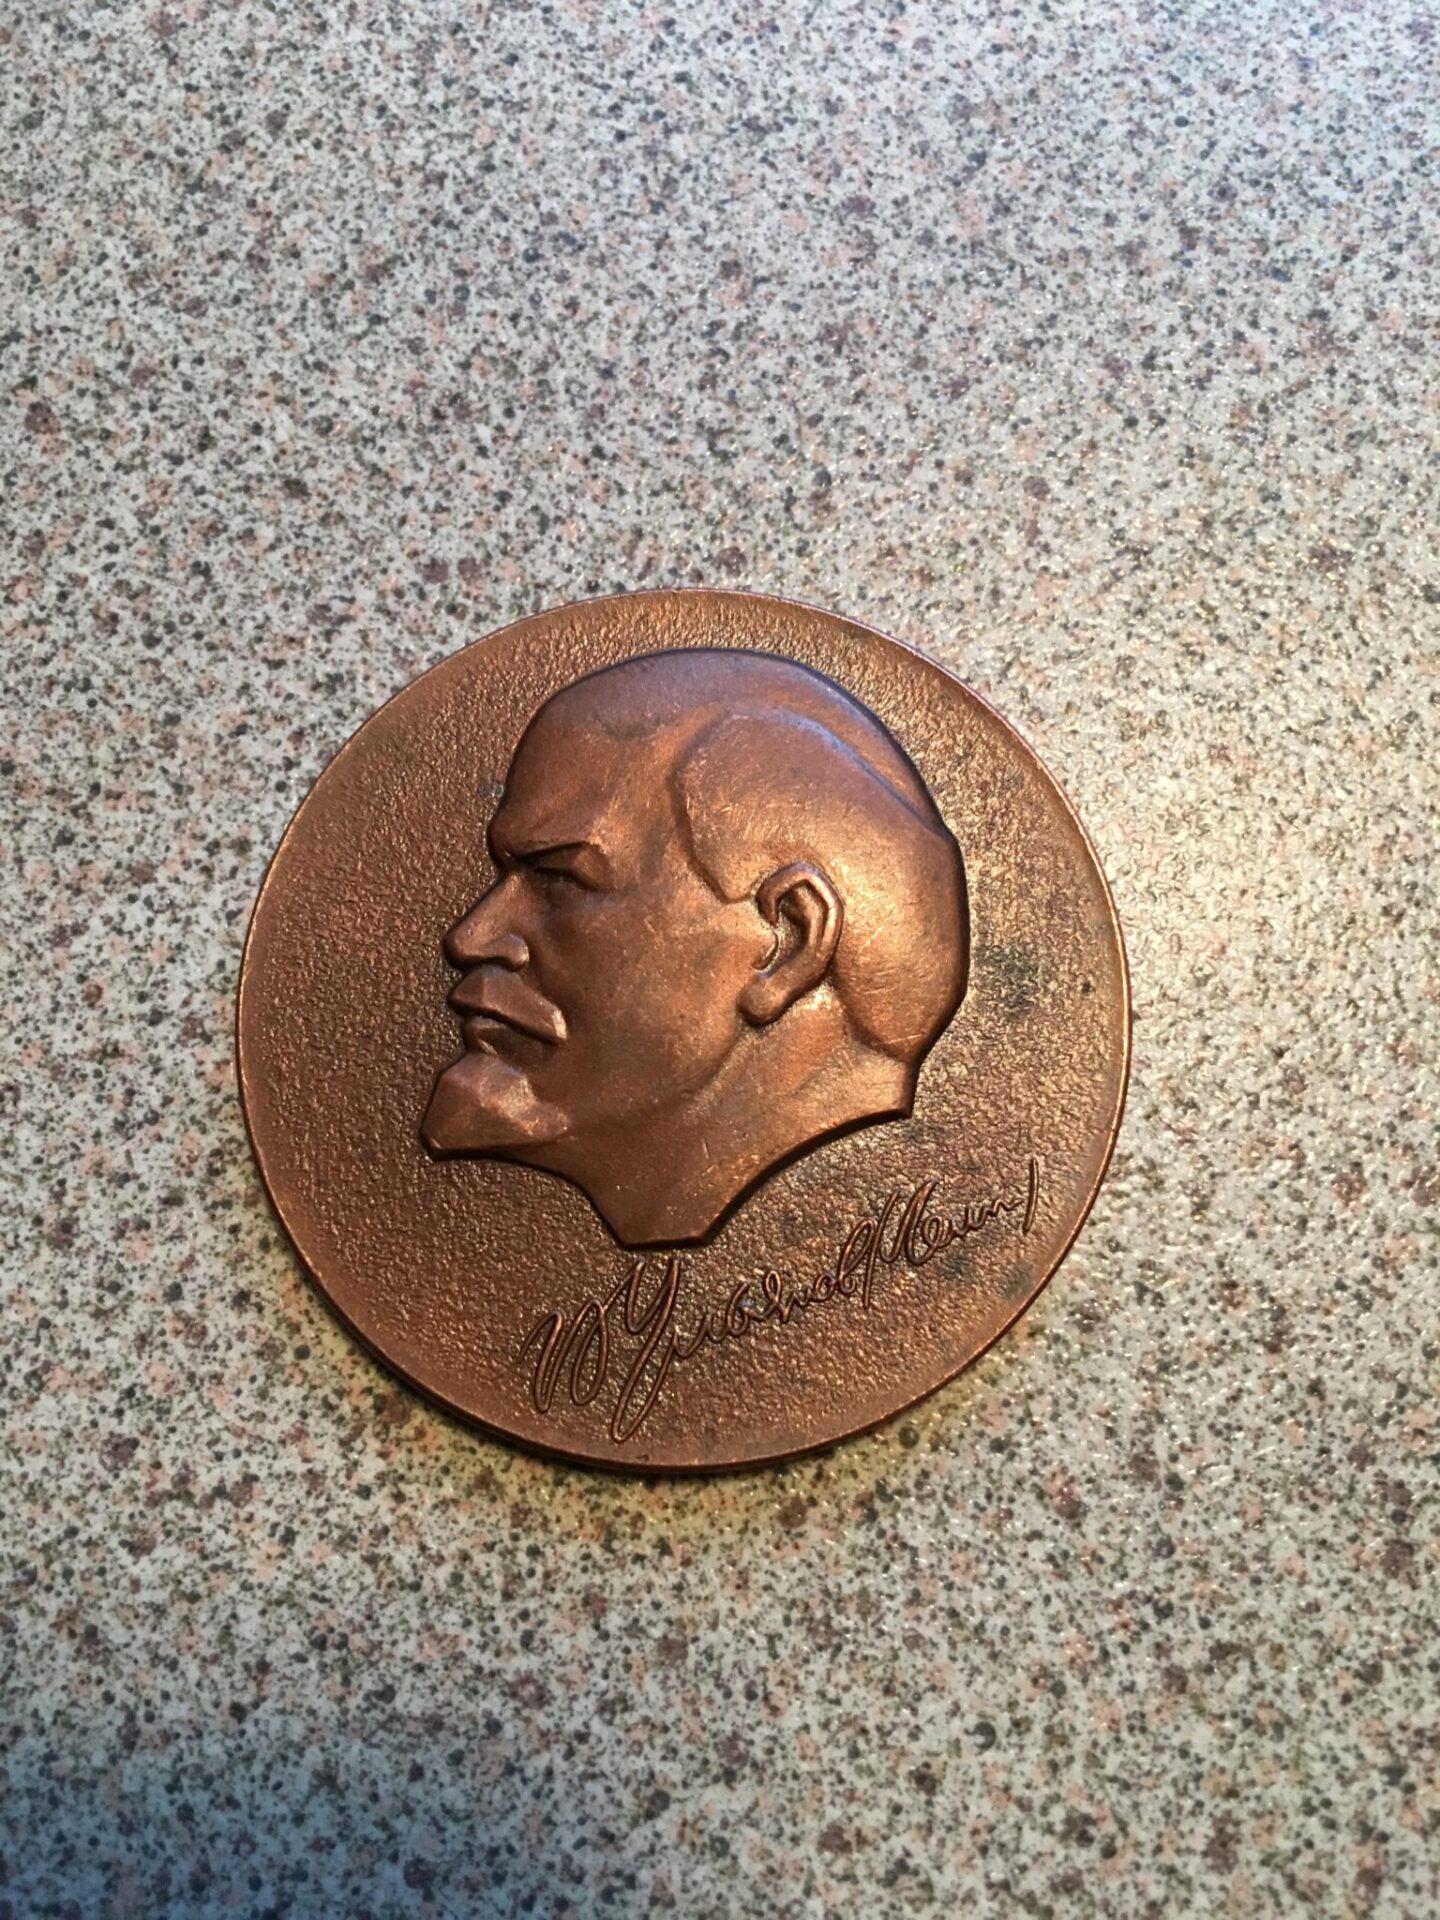 Lenin medalje 1917-1977 (60-års dagen for revolutionen) 300 kr